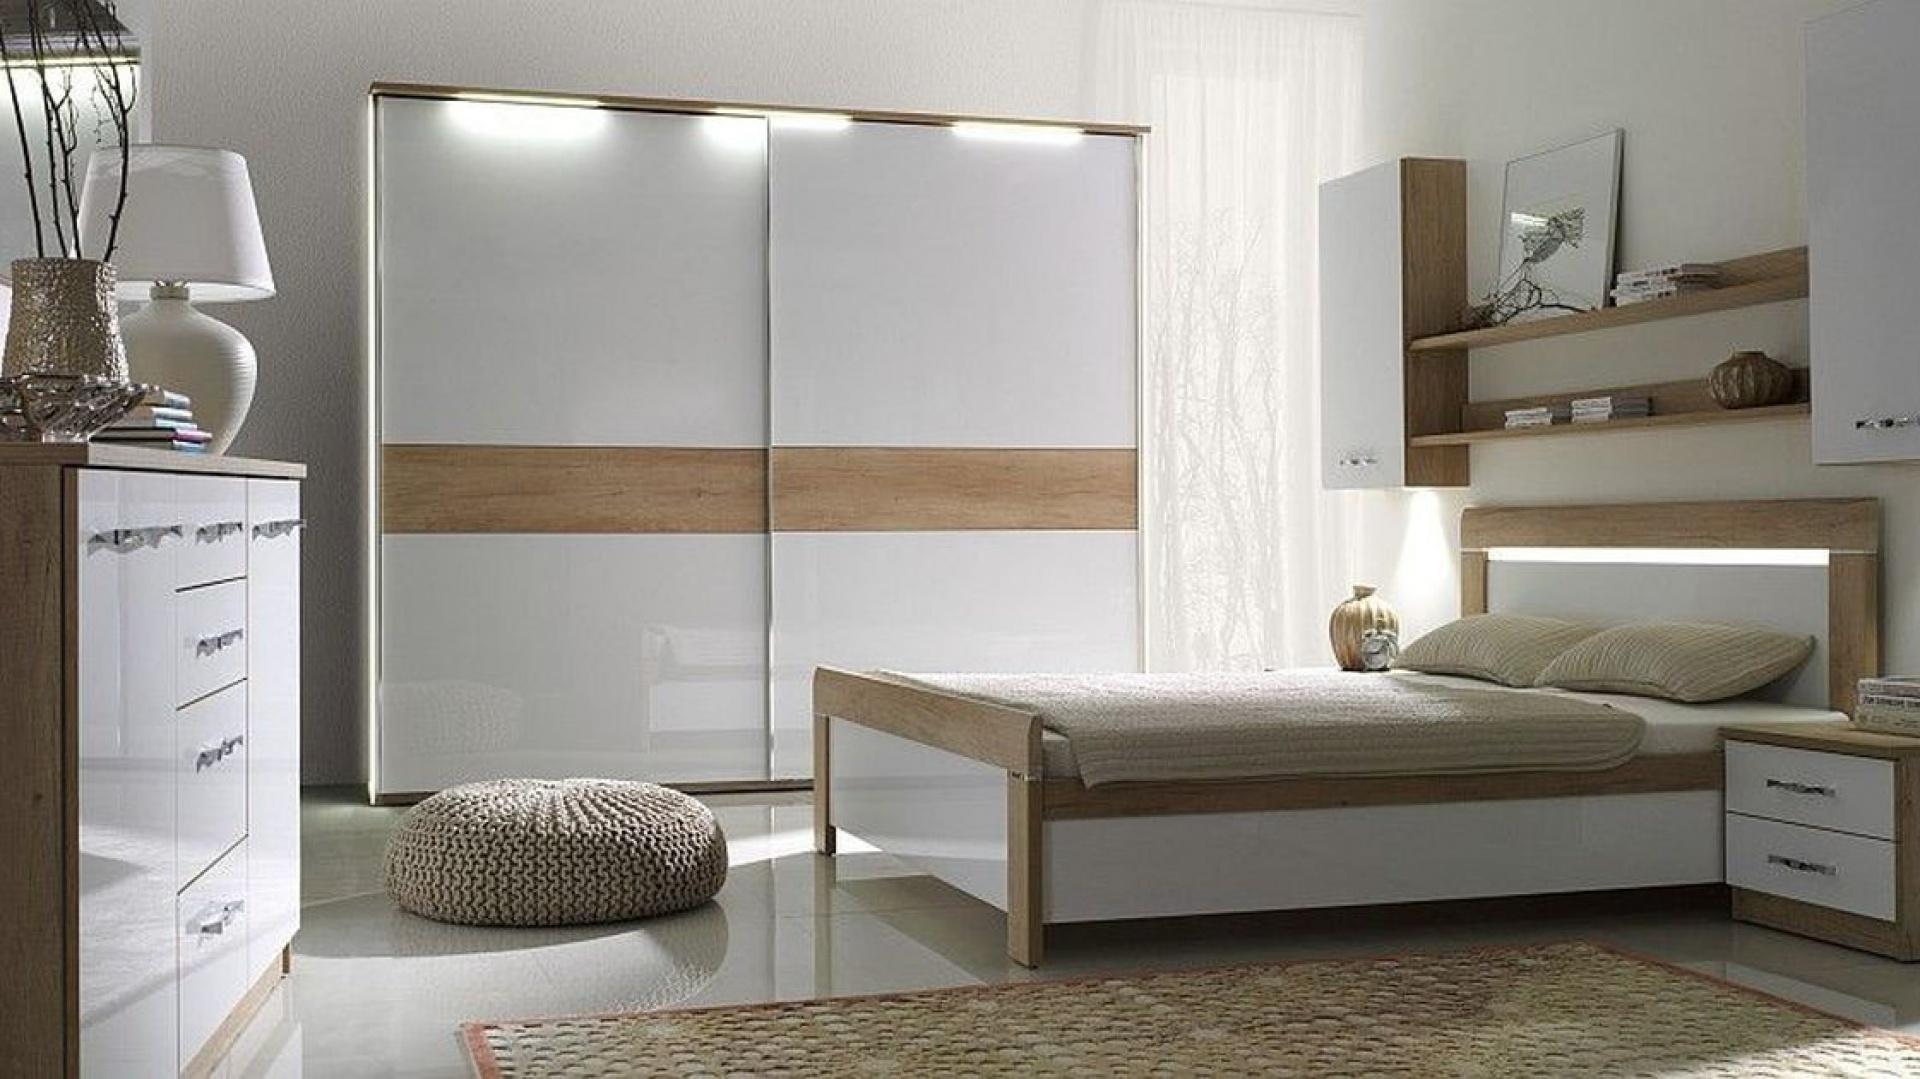 Kolekcja Manhattan to najmodniejsze połączenie bieli na wysoki połysk z elementami drewna. Dzięki tej kolekcji sypialnia będzie nowoczesna, ale też nieco przytulna. Fot. Stolwit.